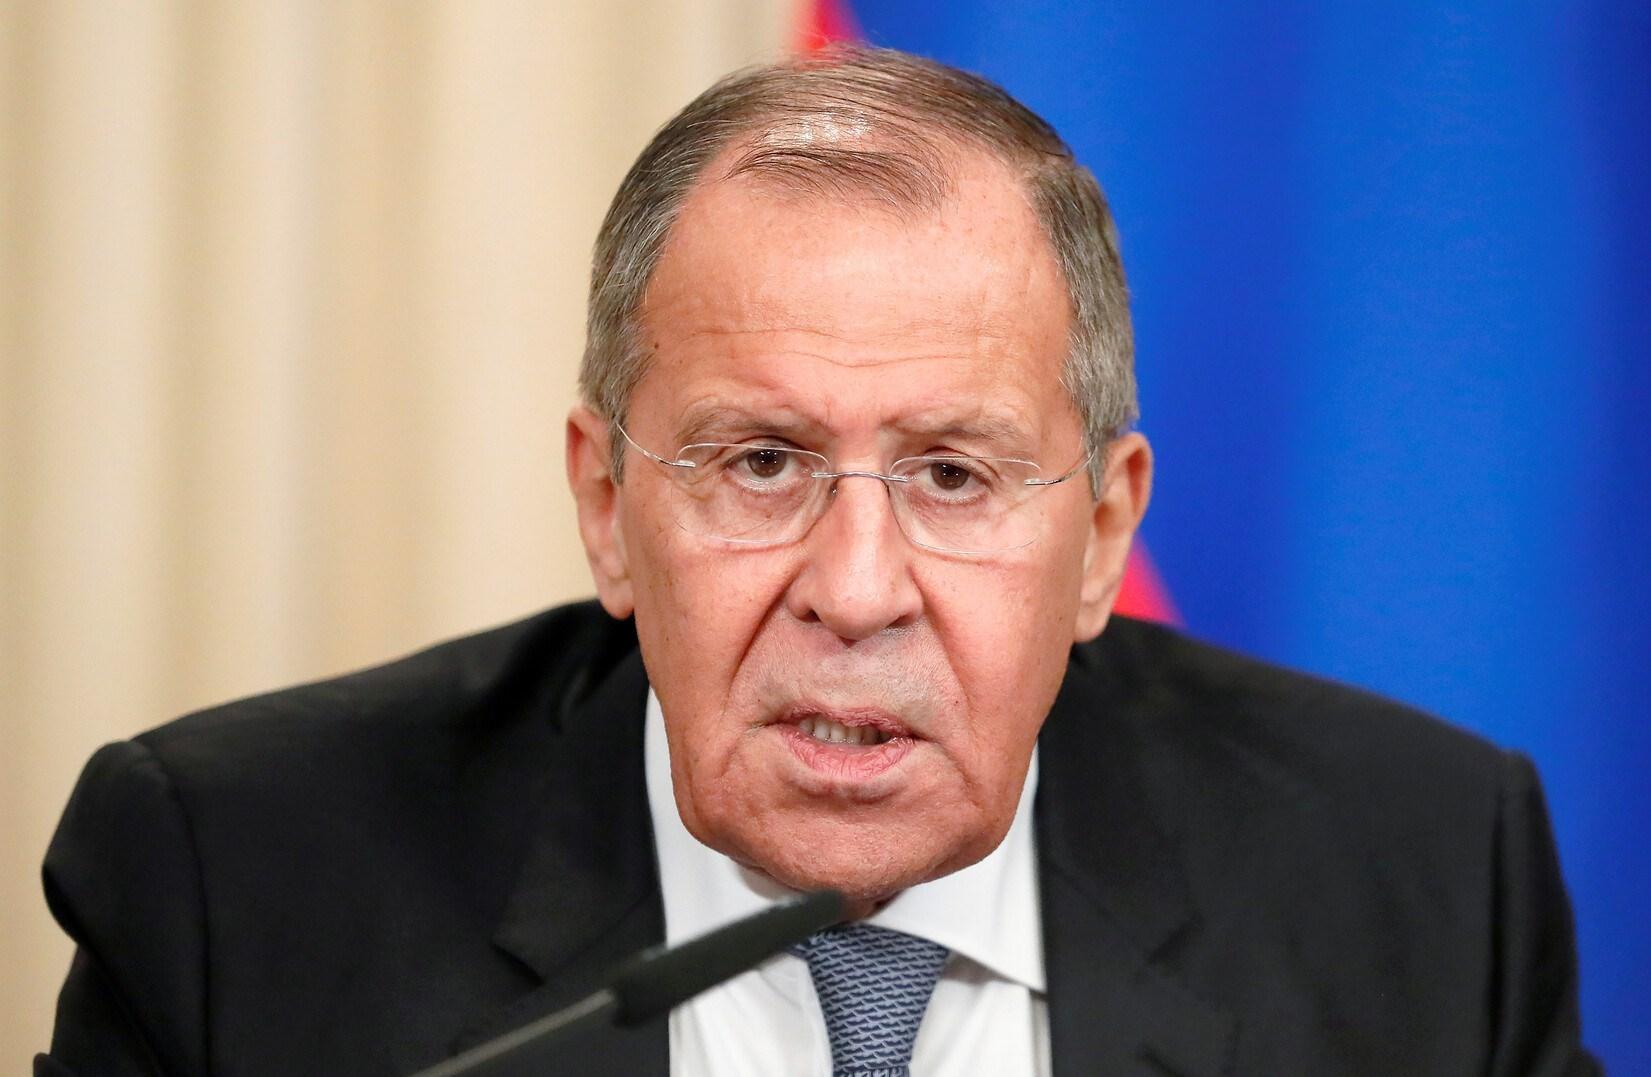 لافروف: سنردّ بالمثل على أي انتشار صاروخي جديد من جانب أميركا